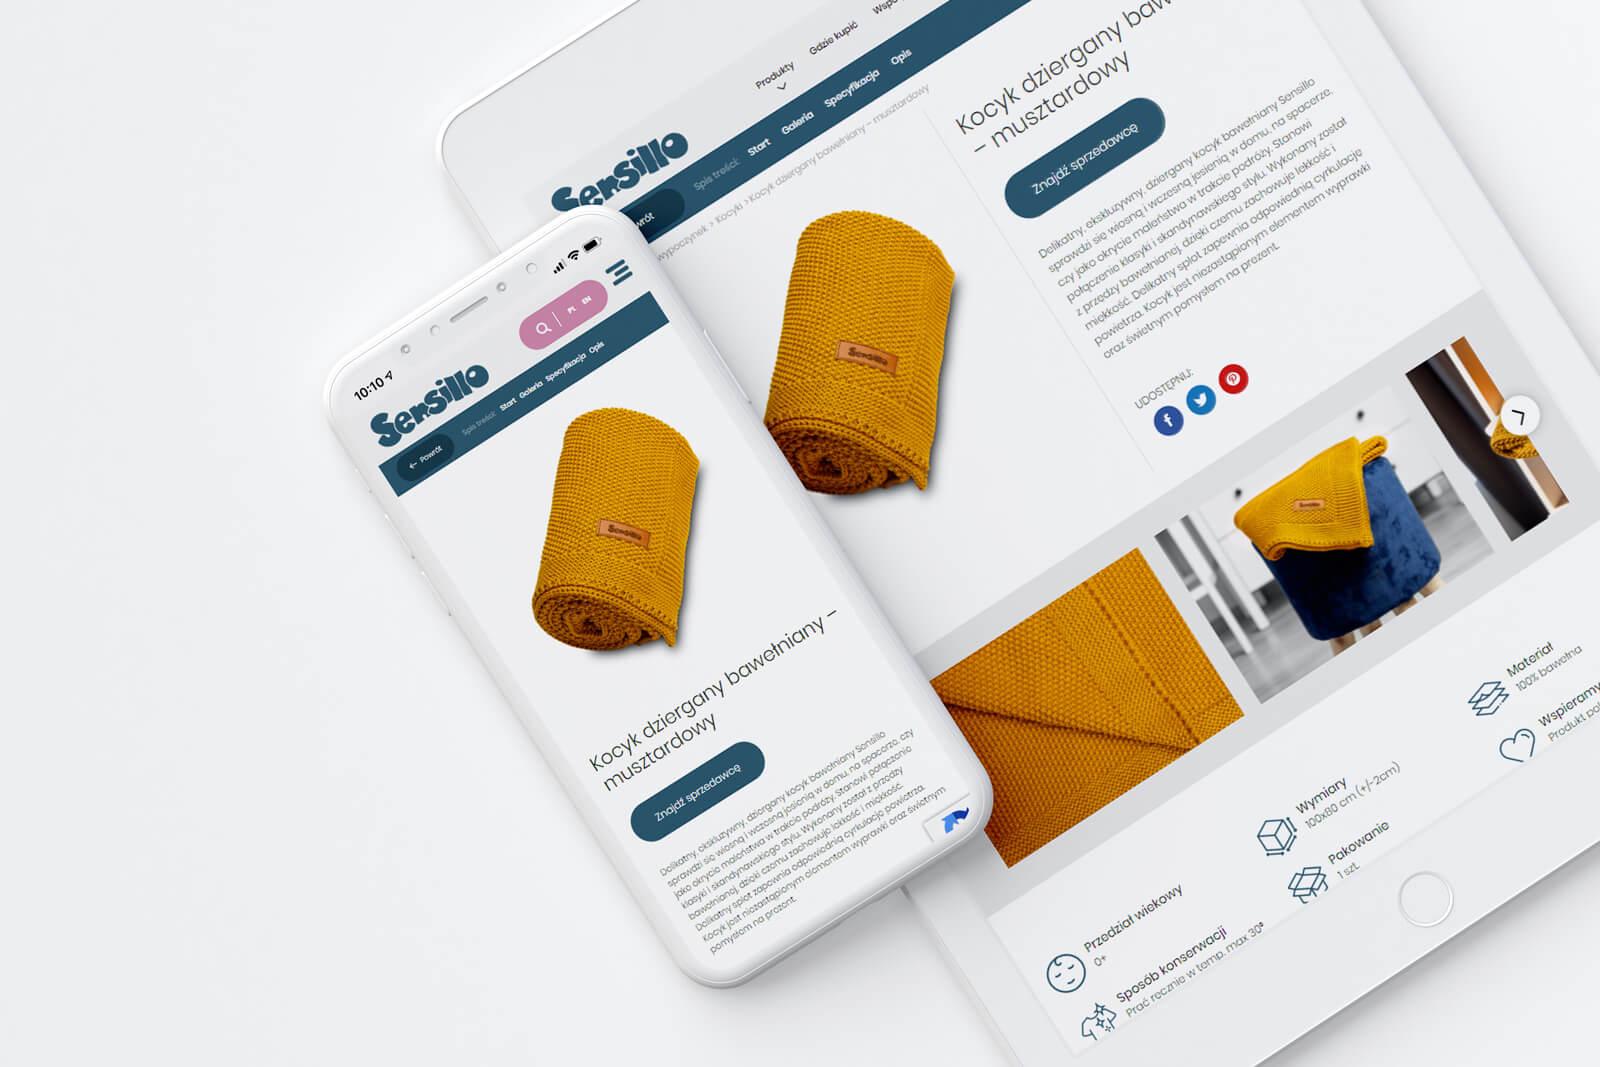 Sensillo - nowy sklep internetowy z akcesoriami dla dzieci